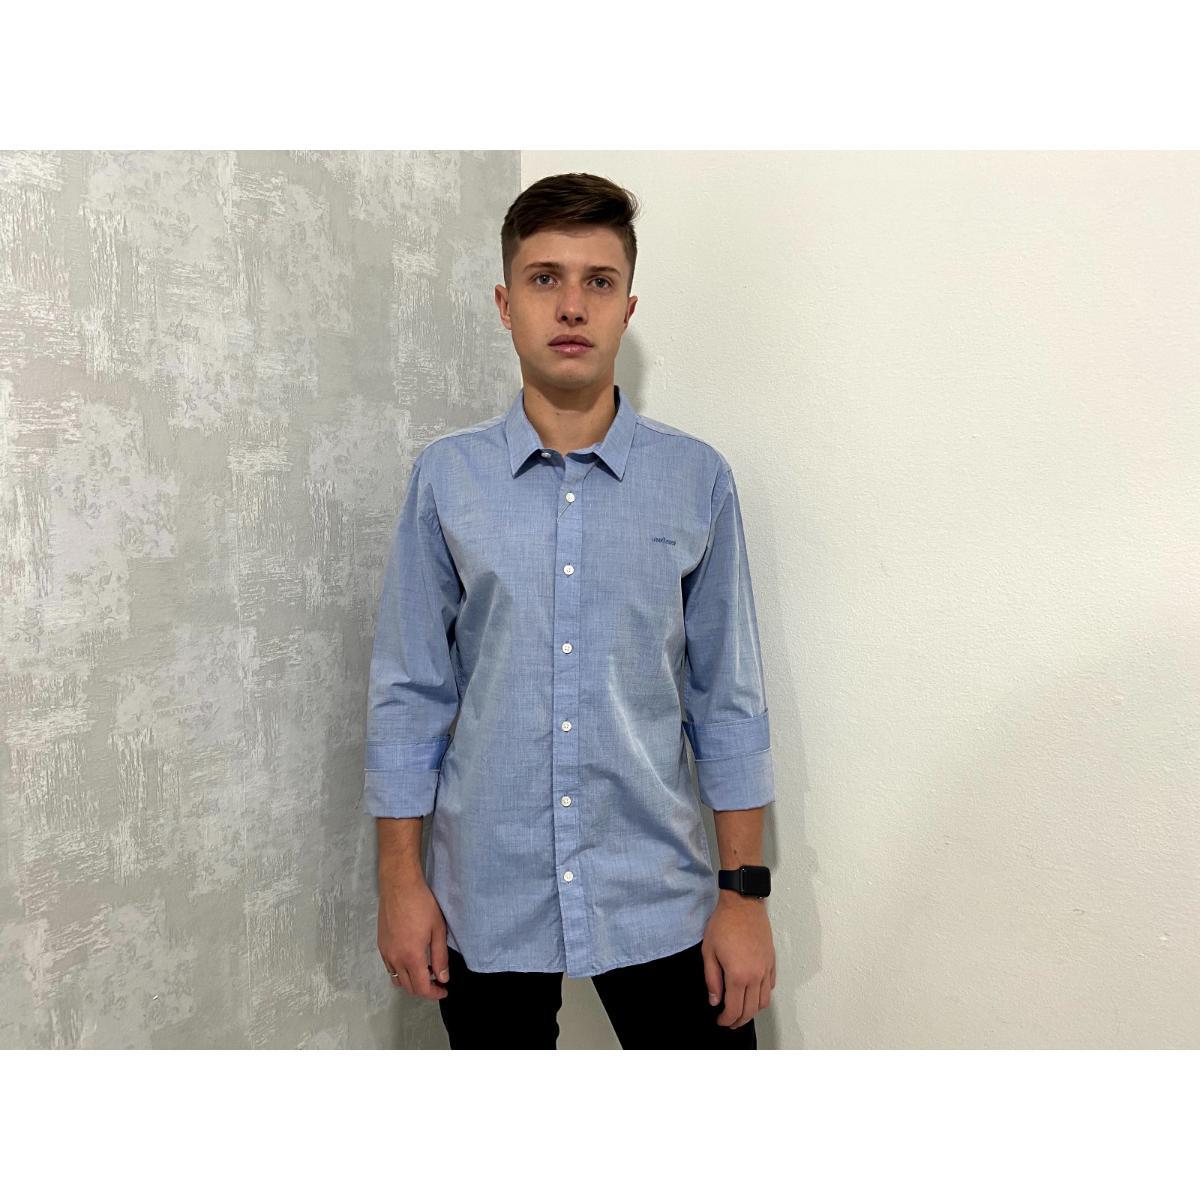 Camisa Masculina Colcci 310103237 Vc94 Estampado